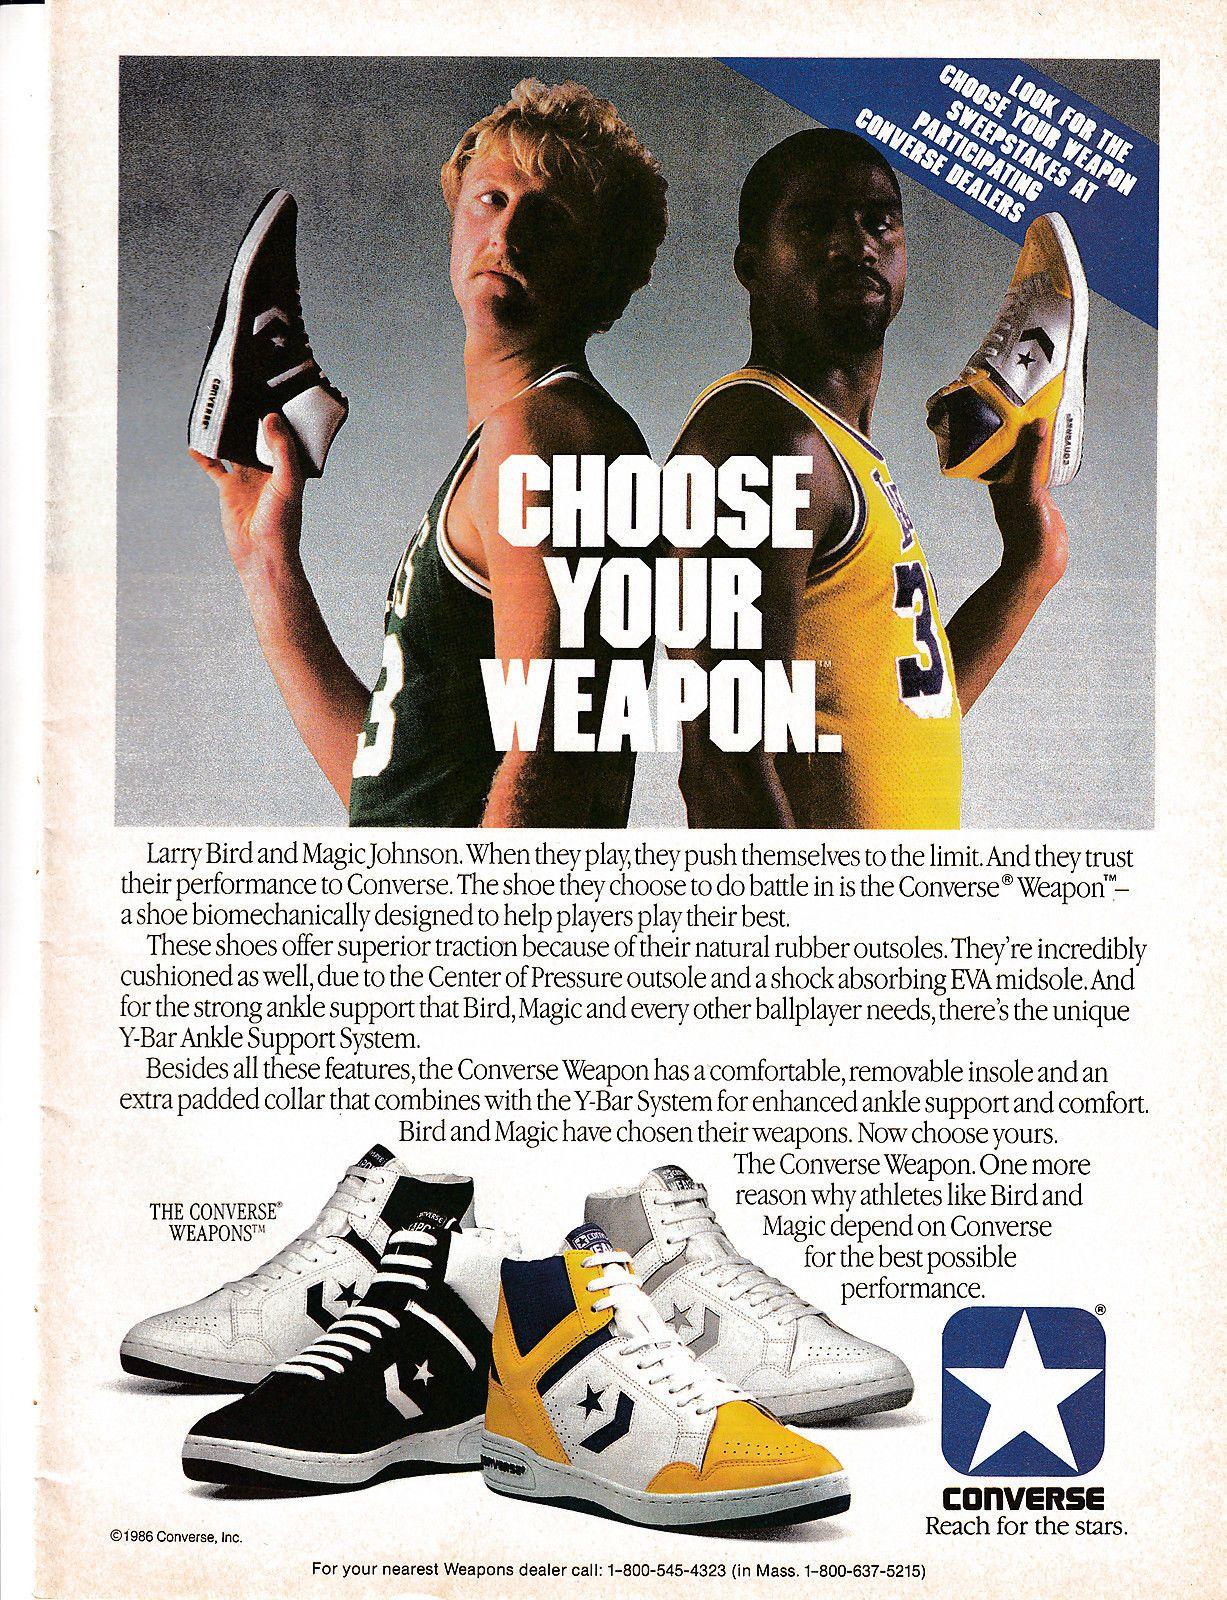 The Failed Michael Jordan Converse